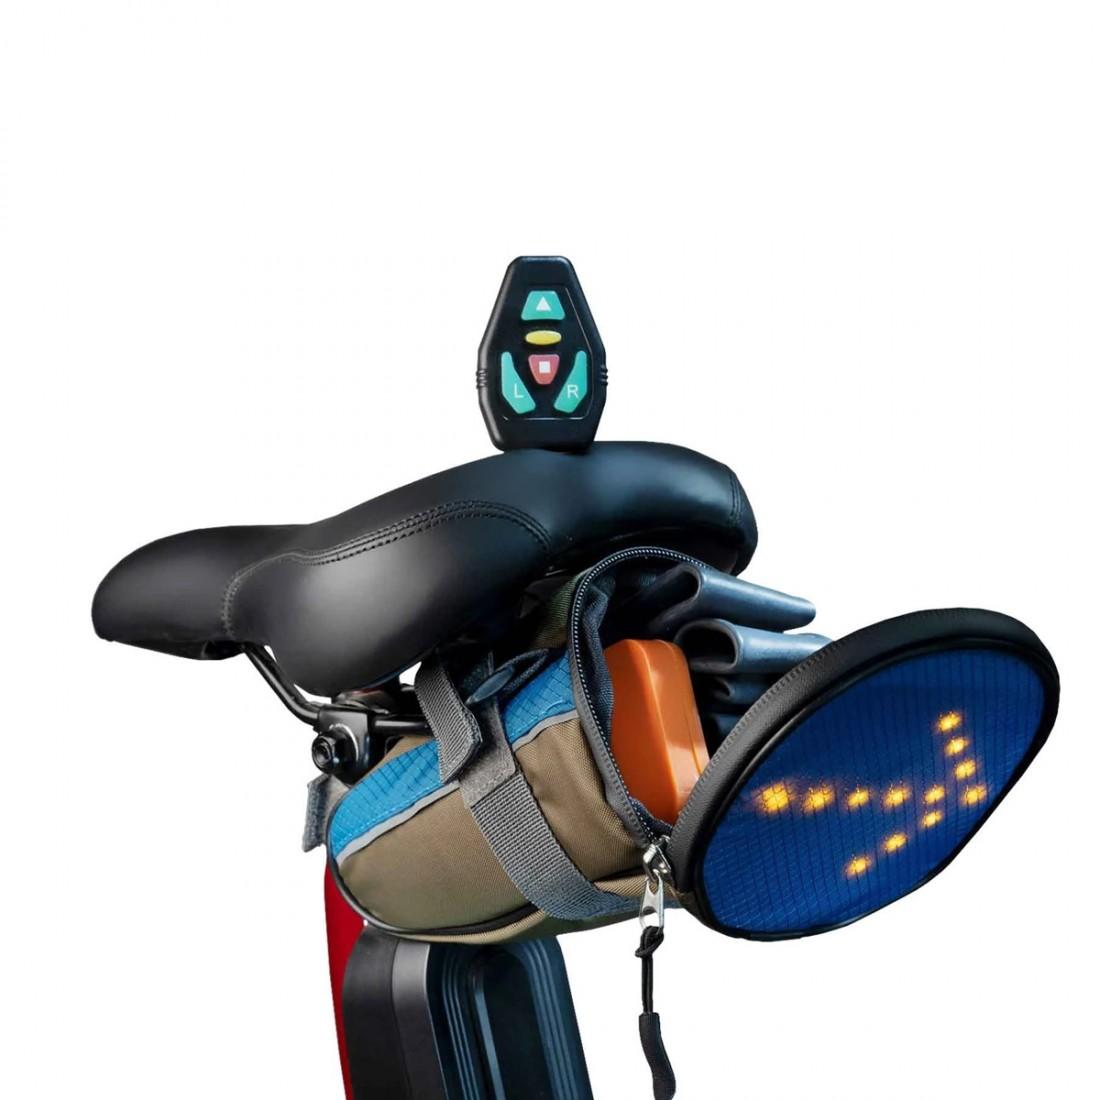 Bolsa sillín Indicadora - Zeeclo A220